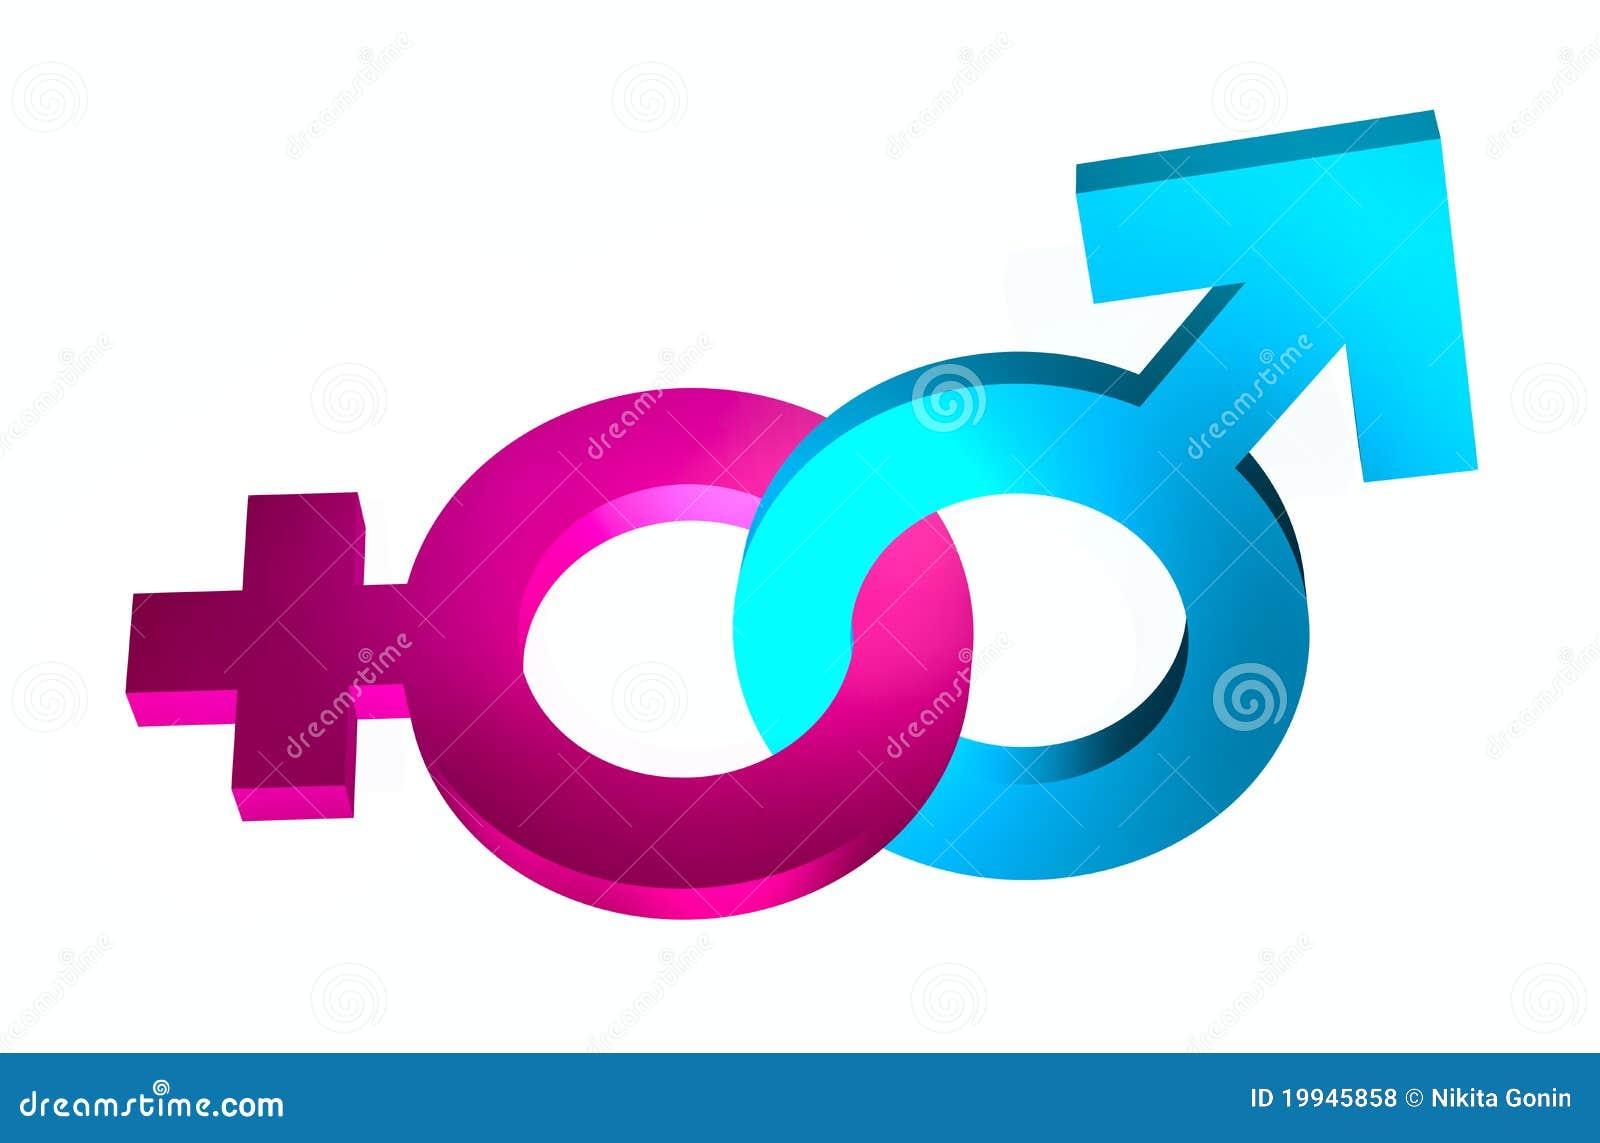 Aziatische geslachts symbolen